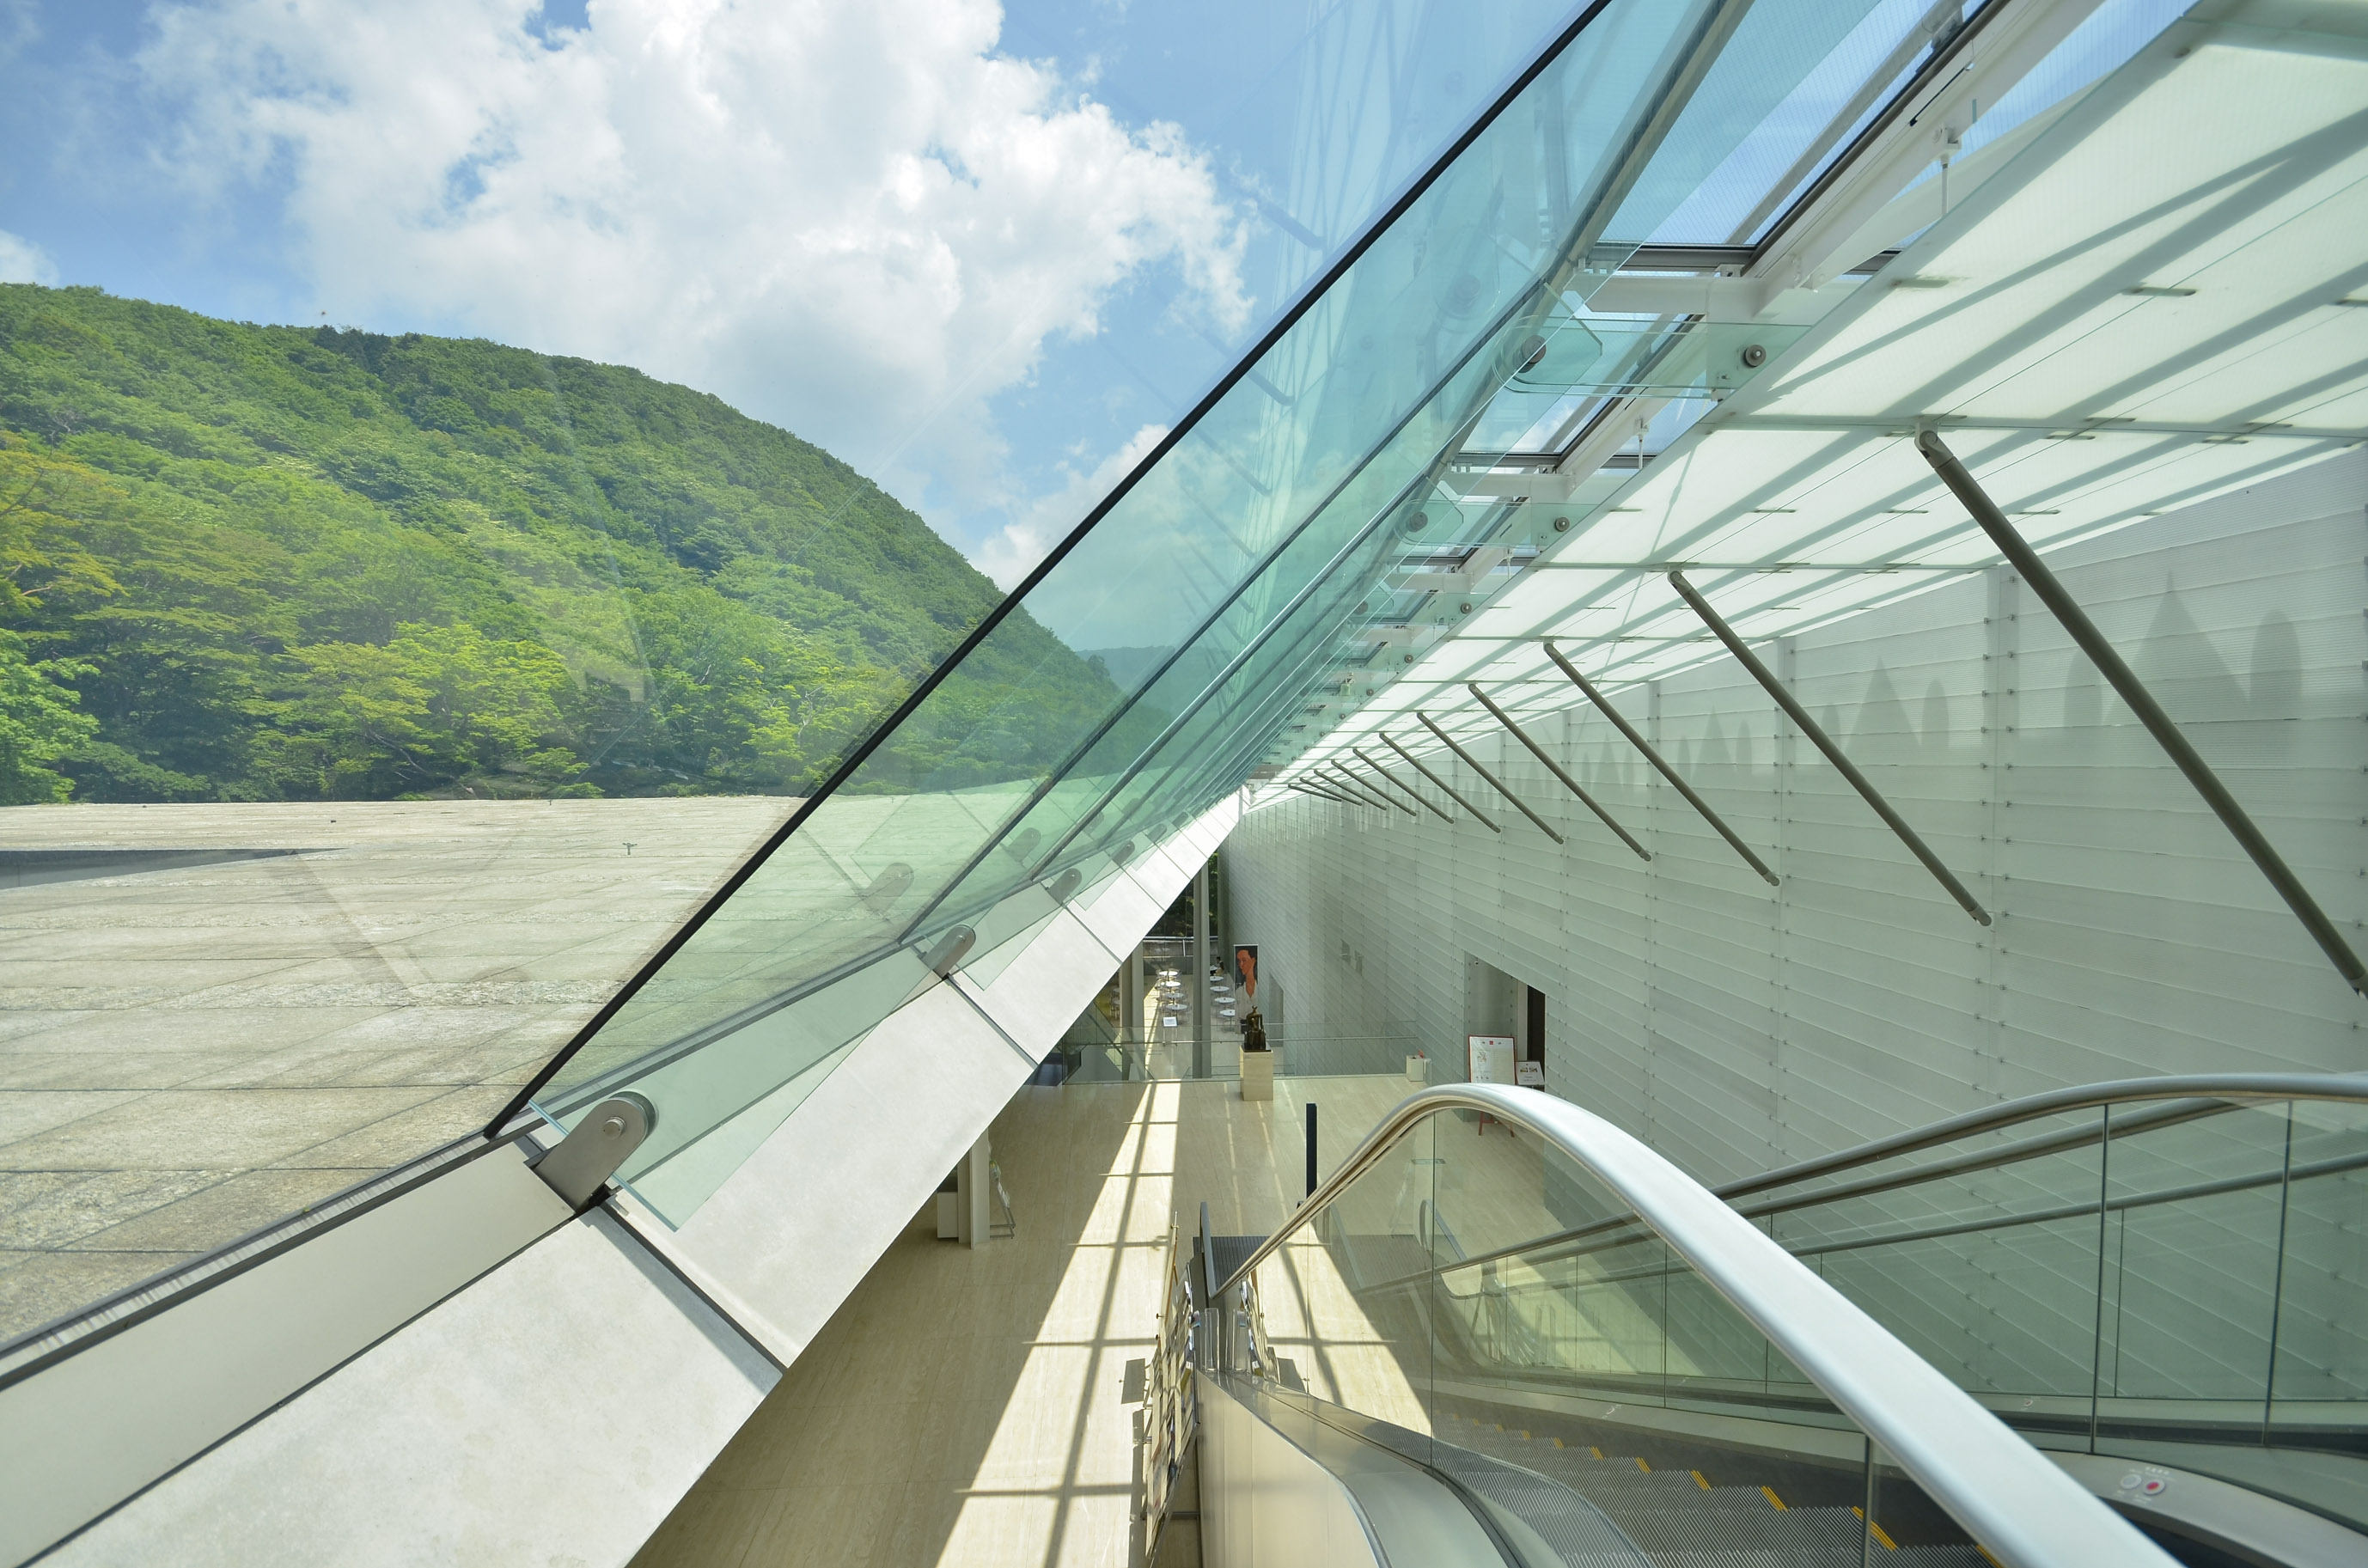 新たに収蔵した26点を公開ーレオナール・フジタさん特別展示「フジタからの贈りものー新収蔵作品を中心に